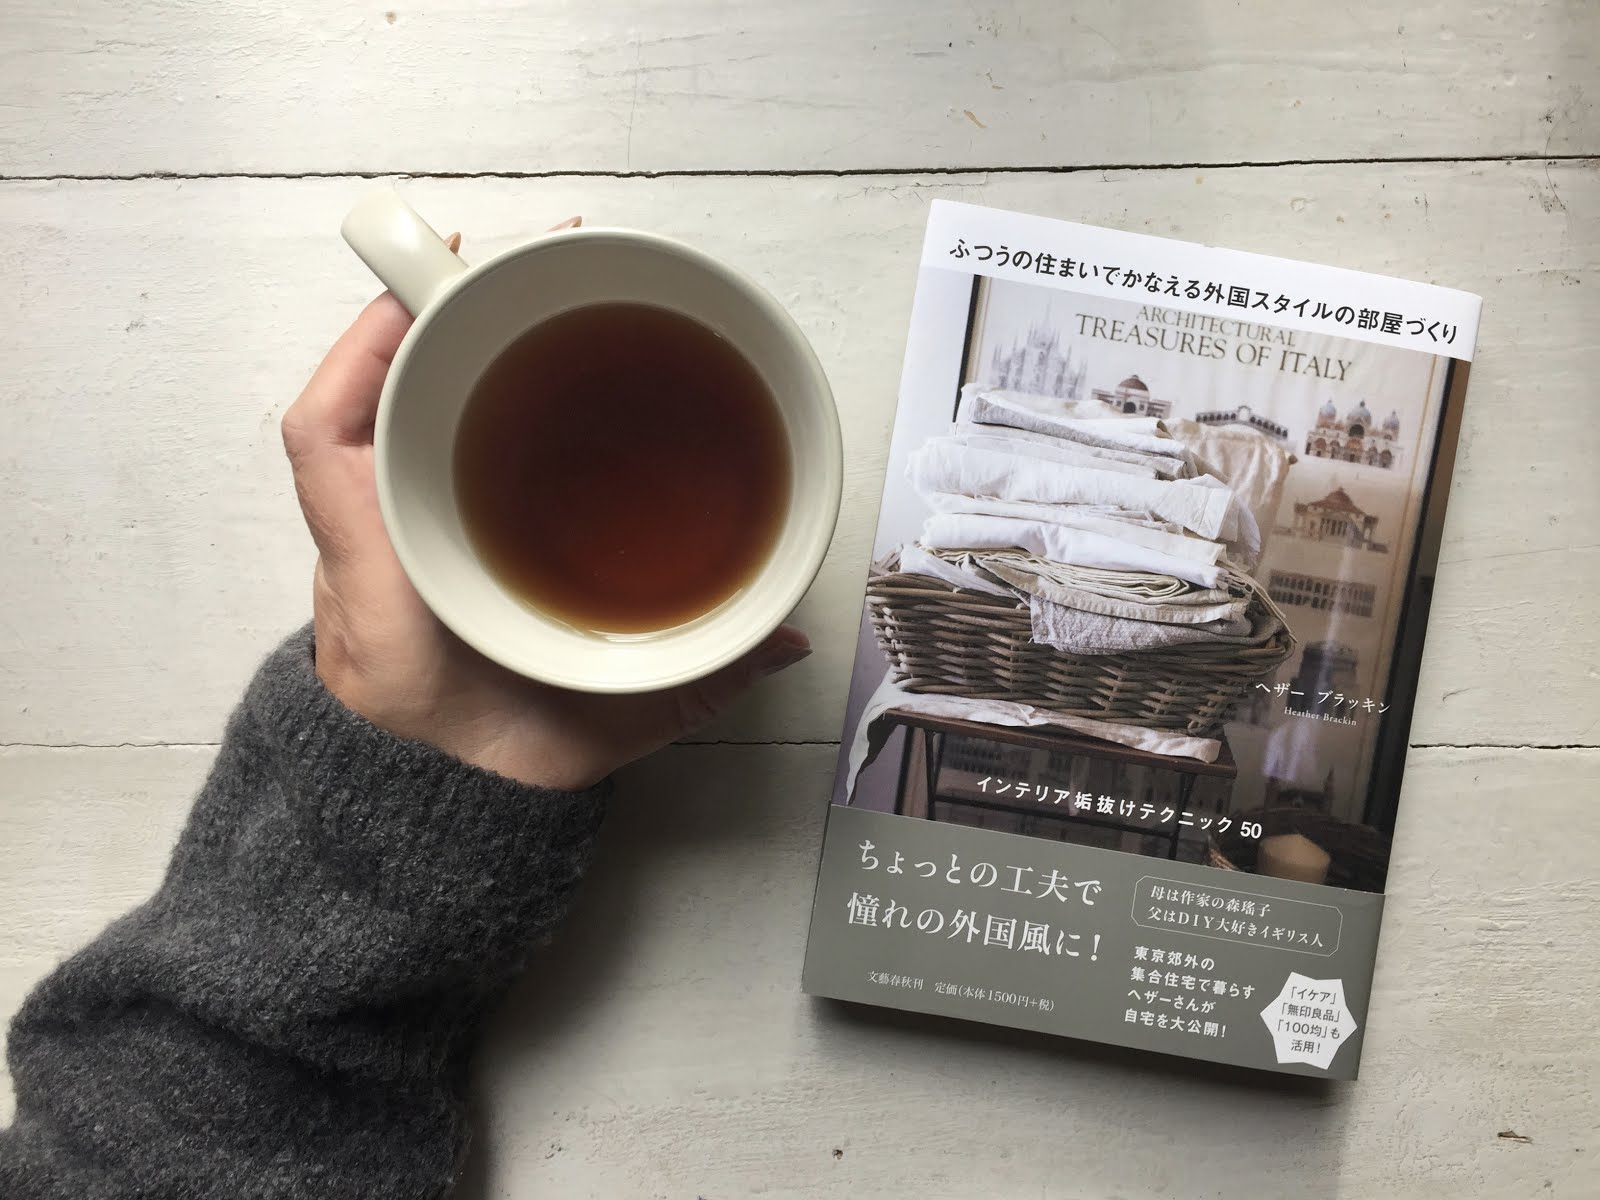 著書「 ふつうの住まいでかなえる外国スタイルの部屋づくり」(文藝春秋) by ヘザー ブラッキン